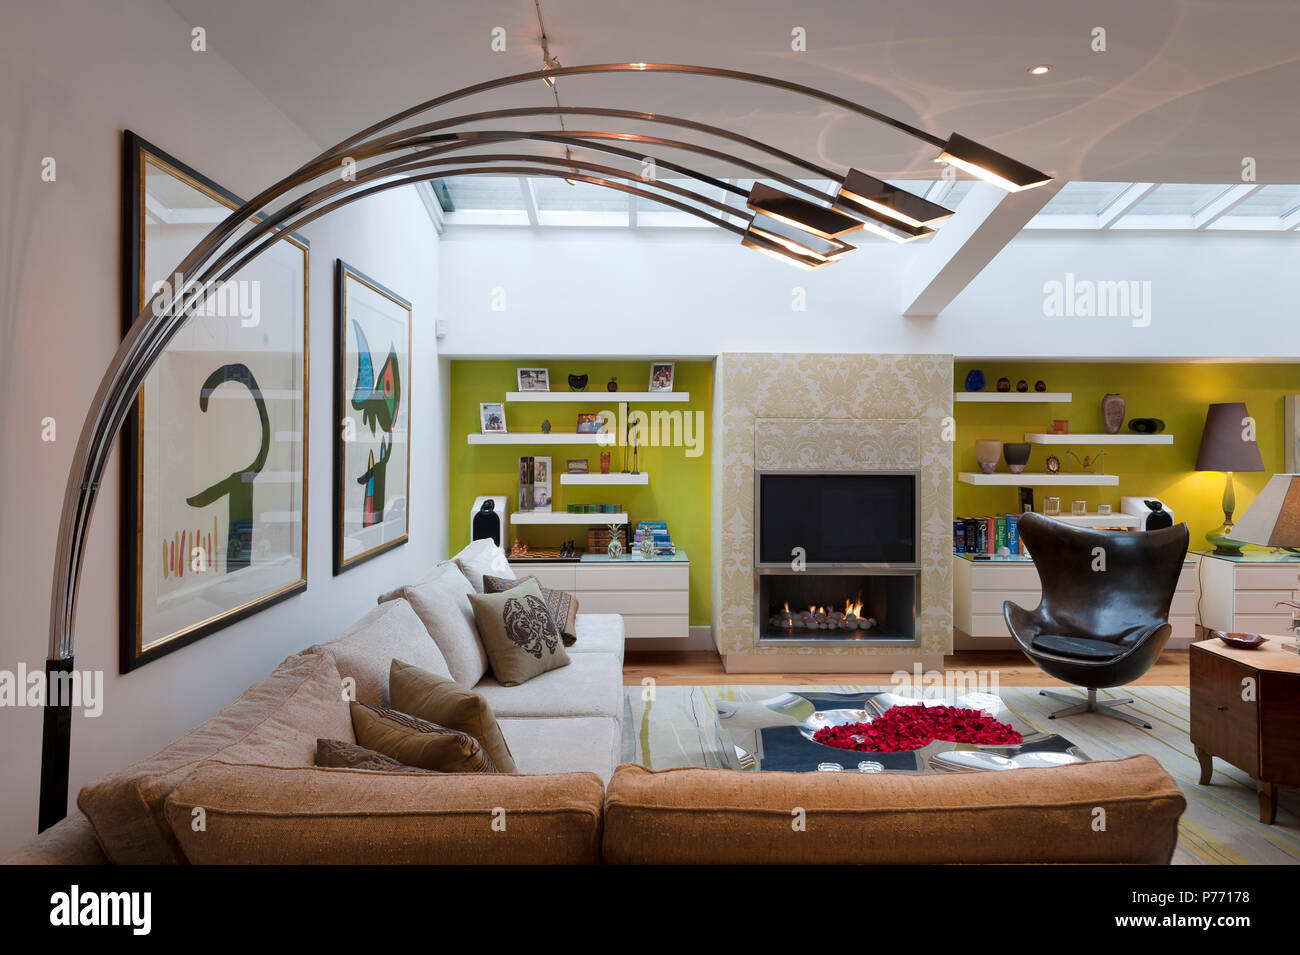 Moderne Lampe im Wohnzimmer Stockfoto, Bild: 210981660 - Alamy